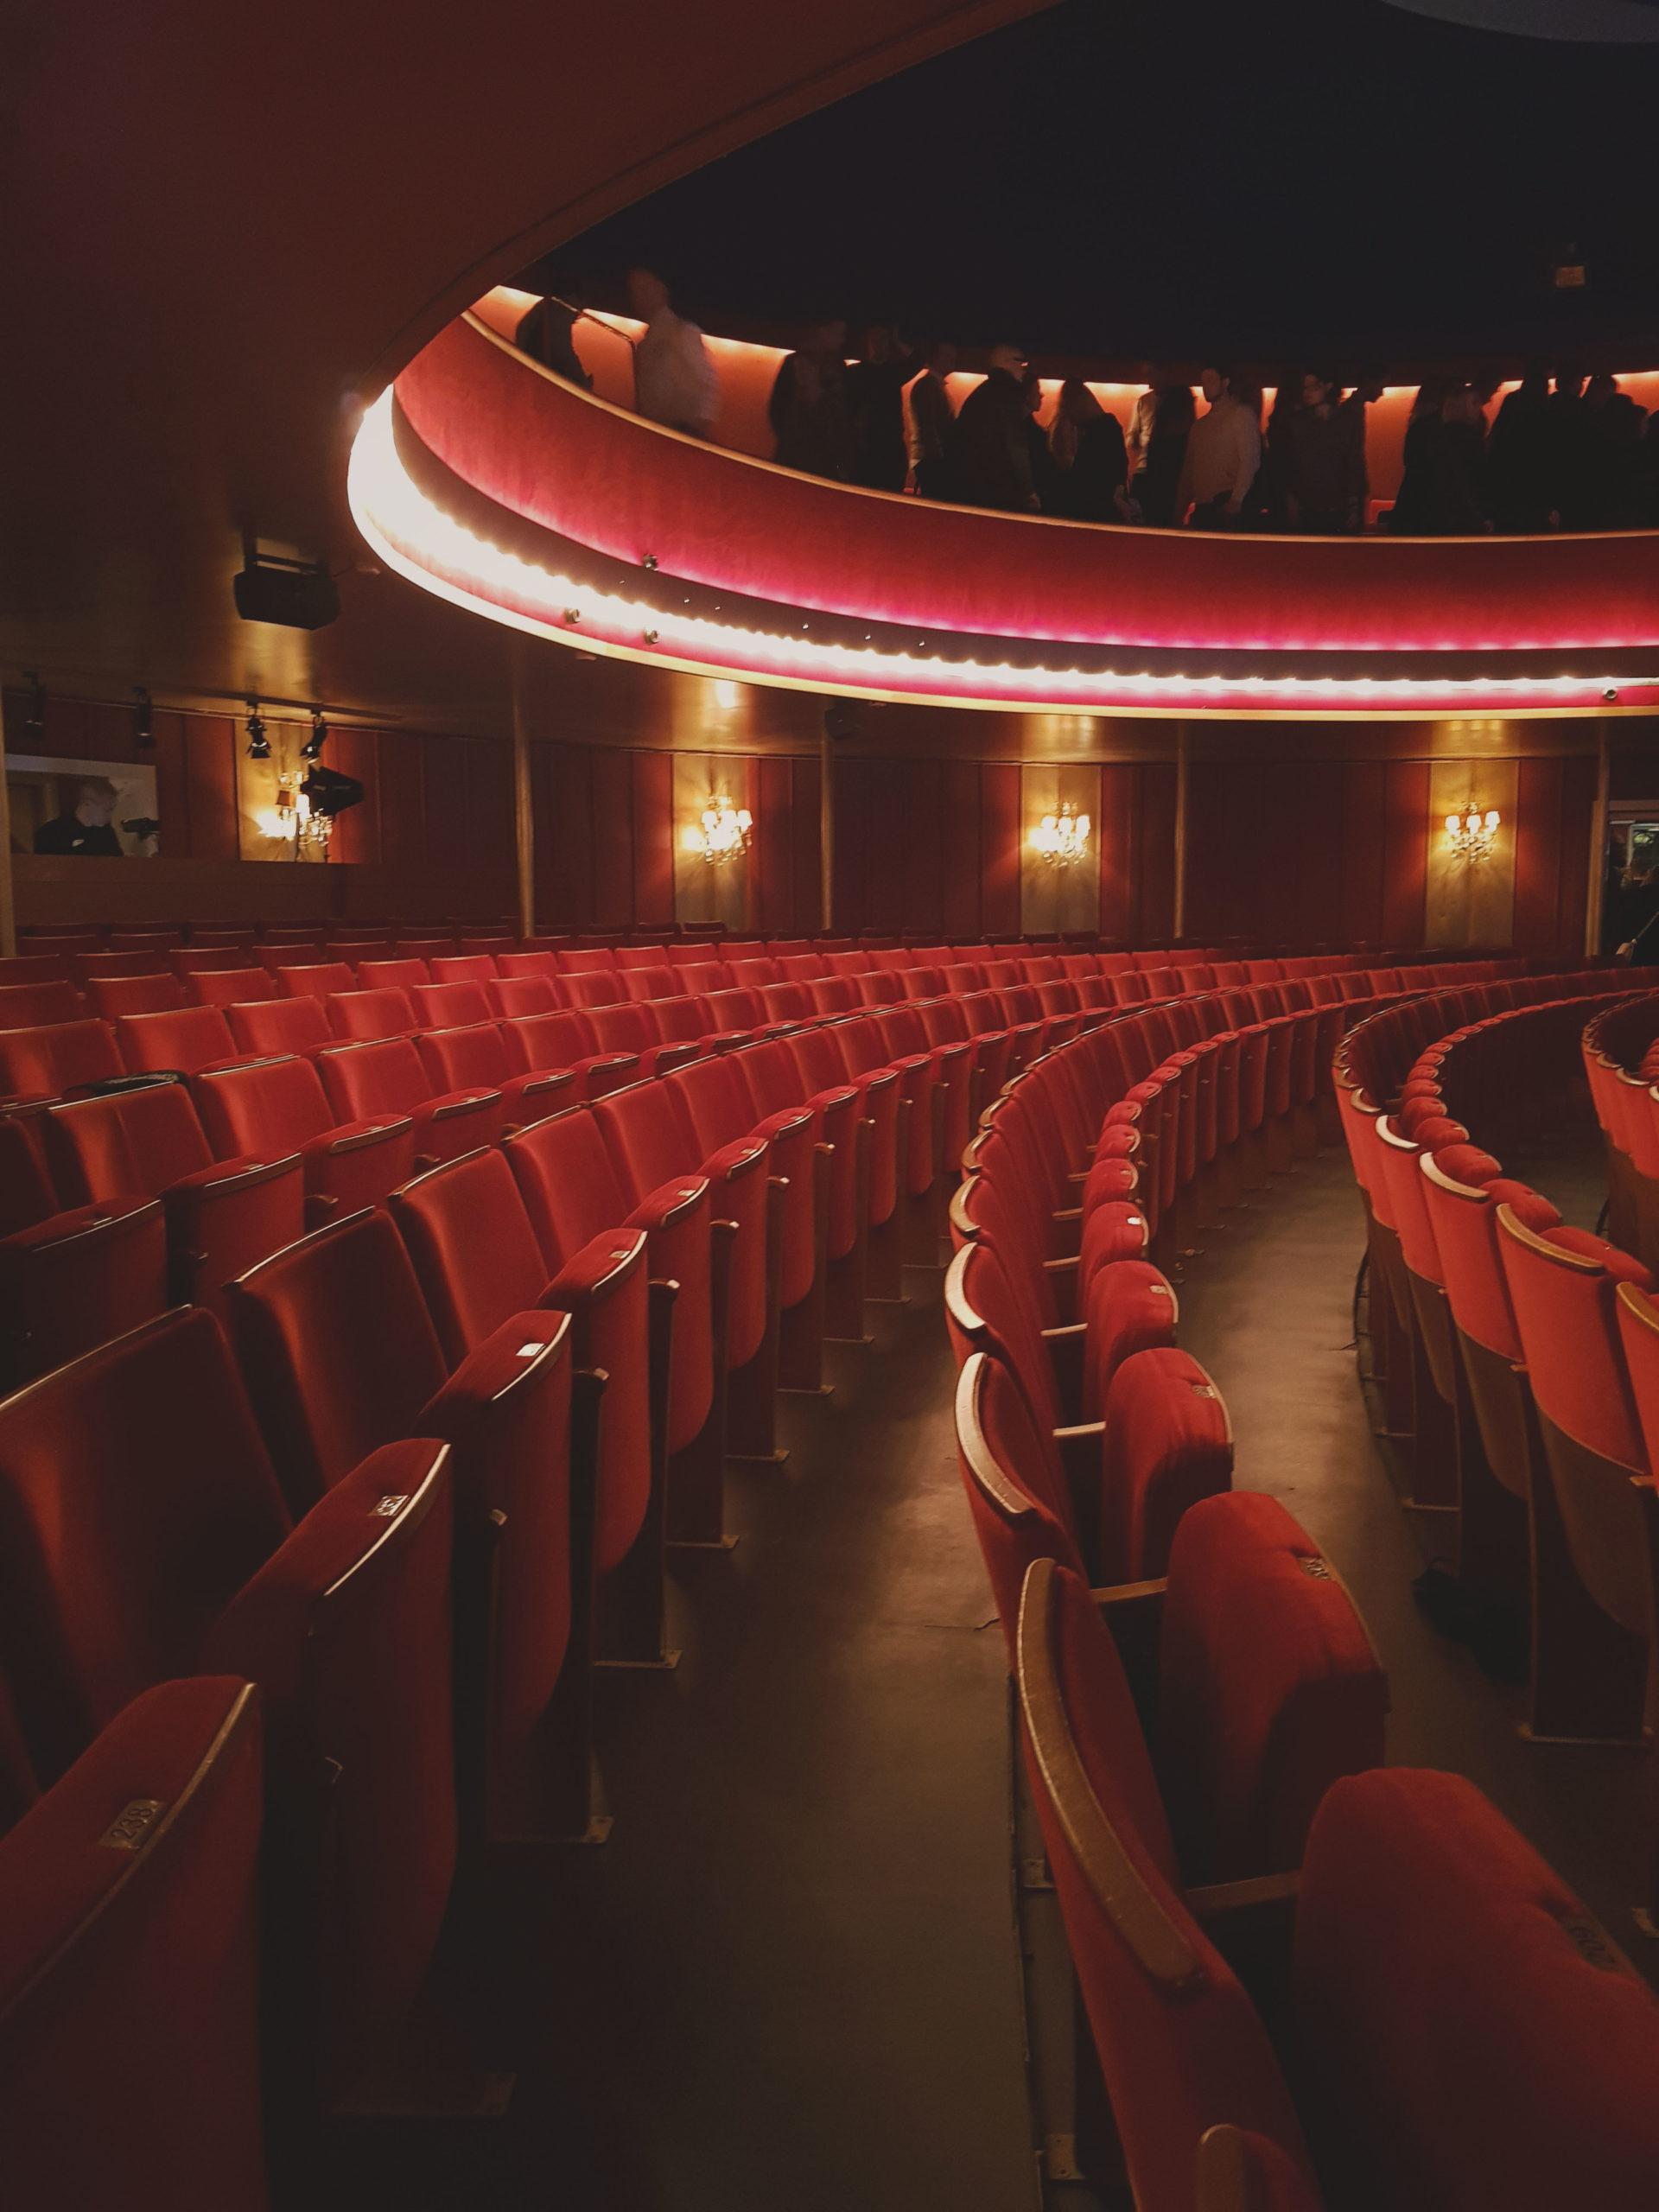 Lisebergsteatern